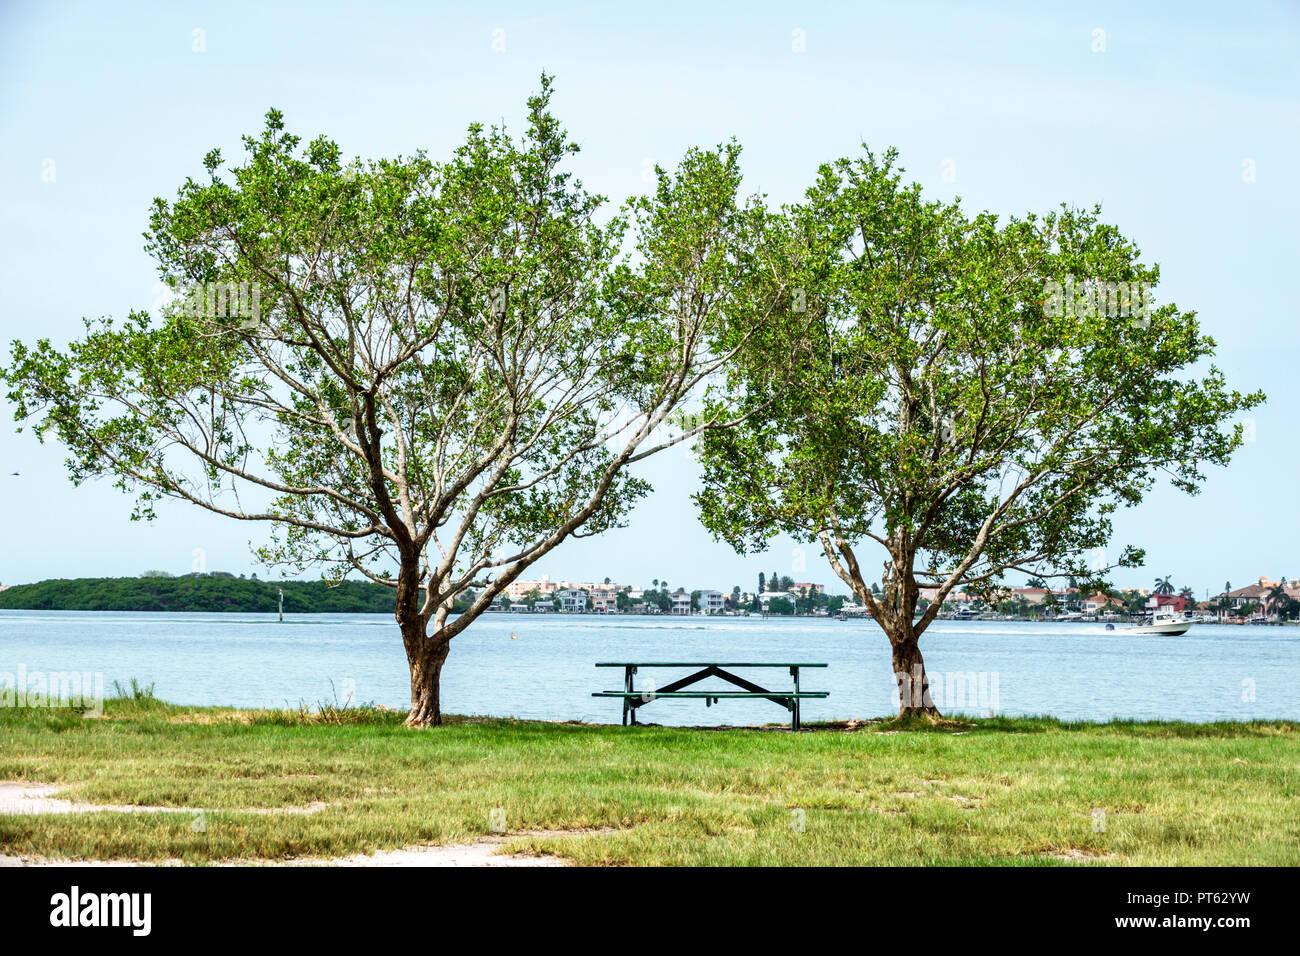 St. Saint Petersburg Florida Bay Pines War Veterans Memorial Park Boca Ciega Bay picnic table - Stock Image